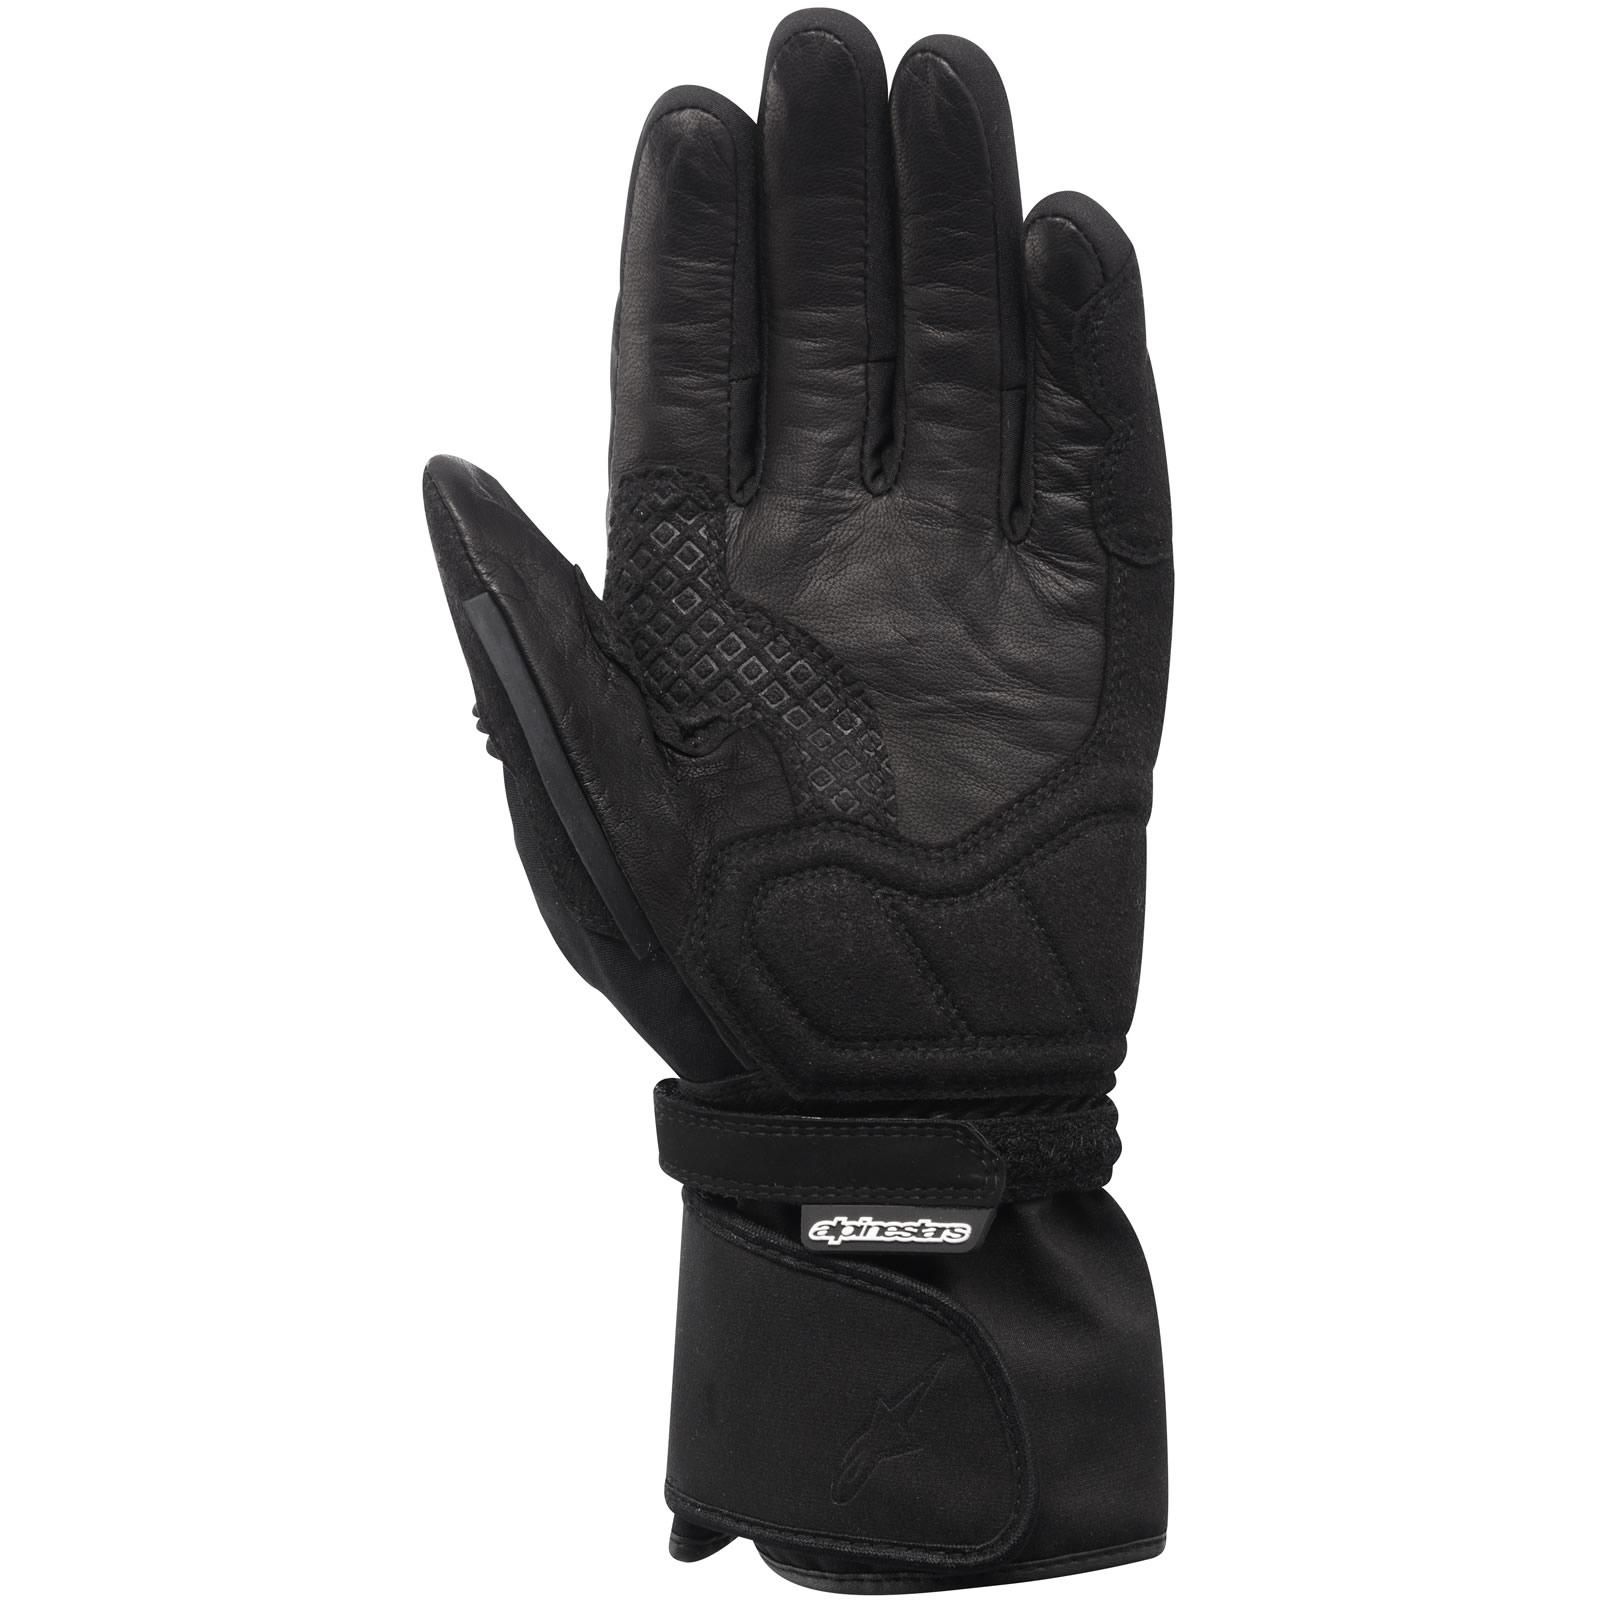 Xtrafit motorcycle gloves - Thumbnail 1 Thumbnail 2 Thumbnail 3 Thumbnail 4